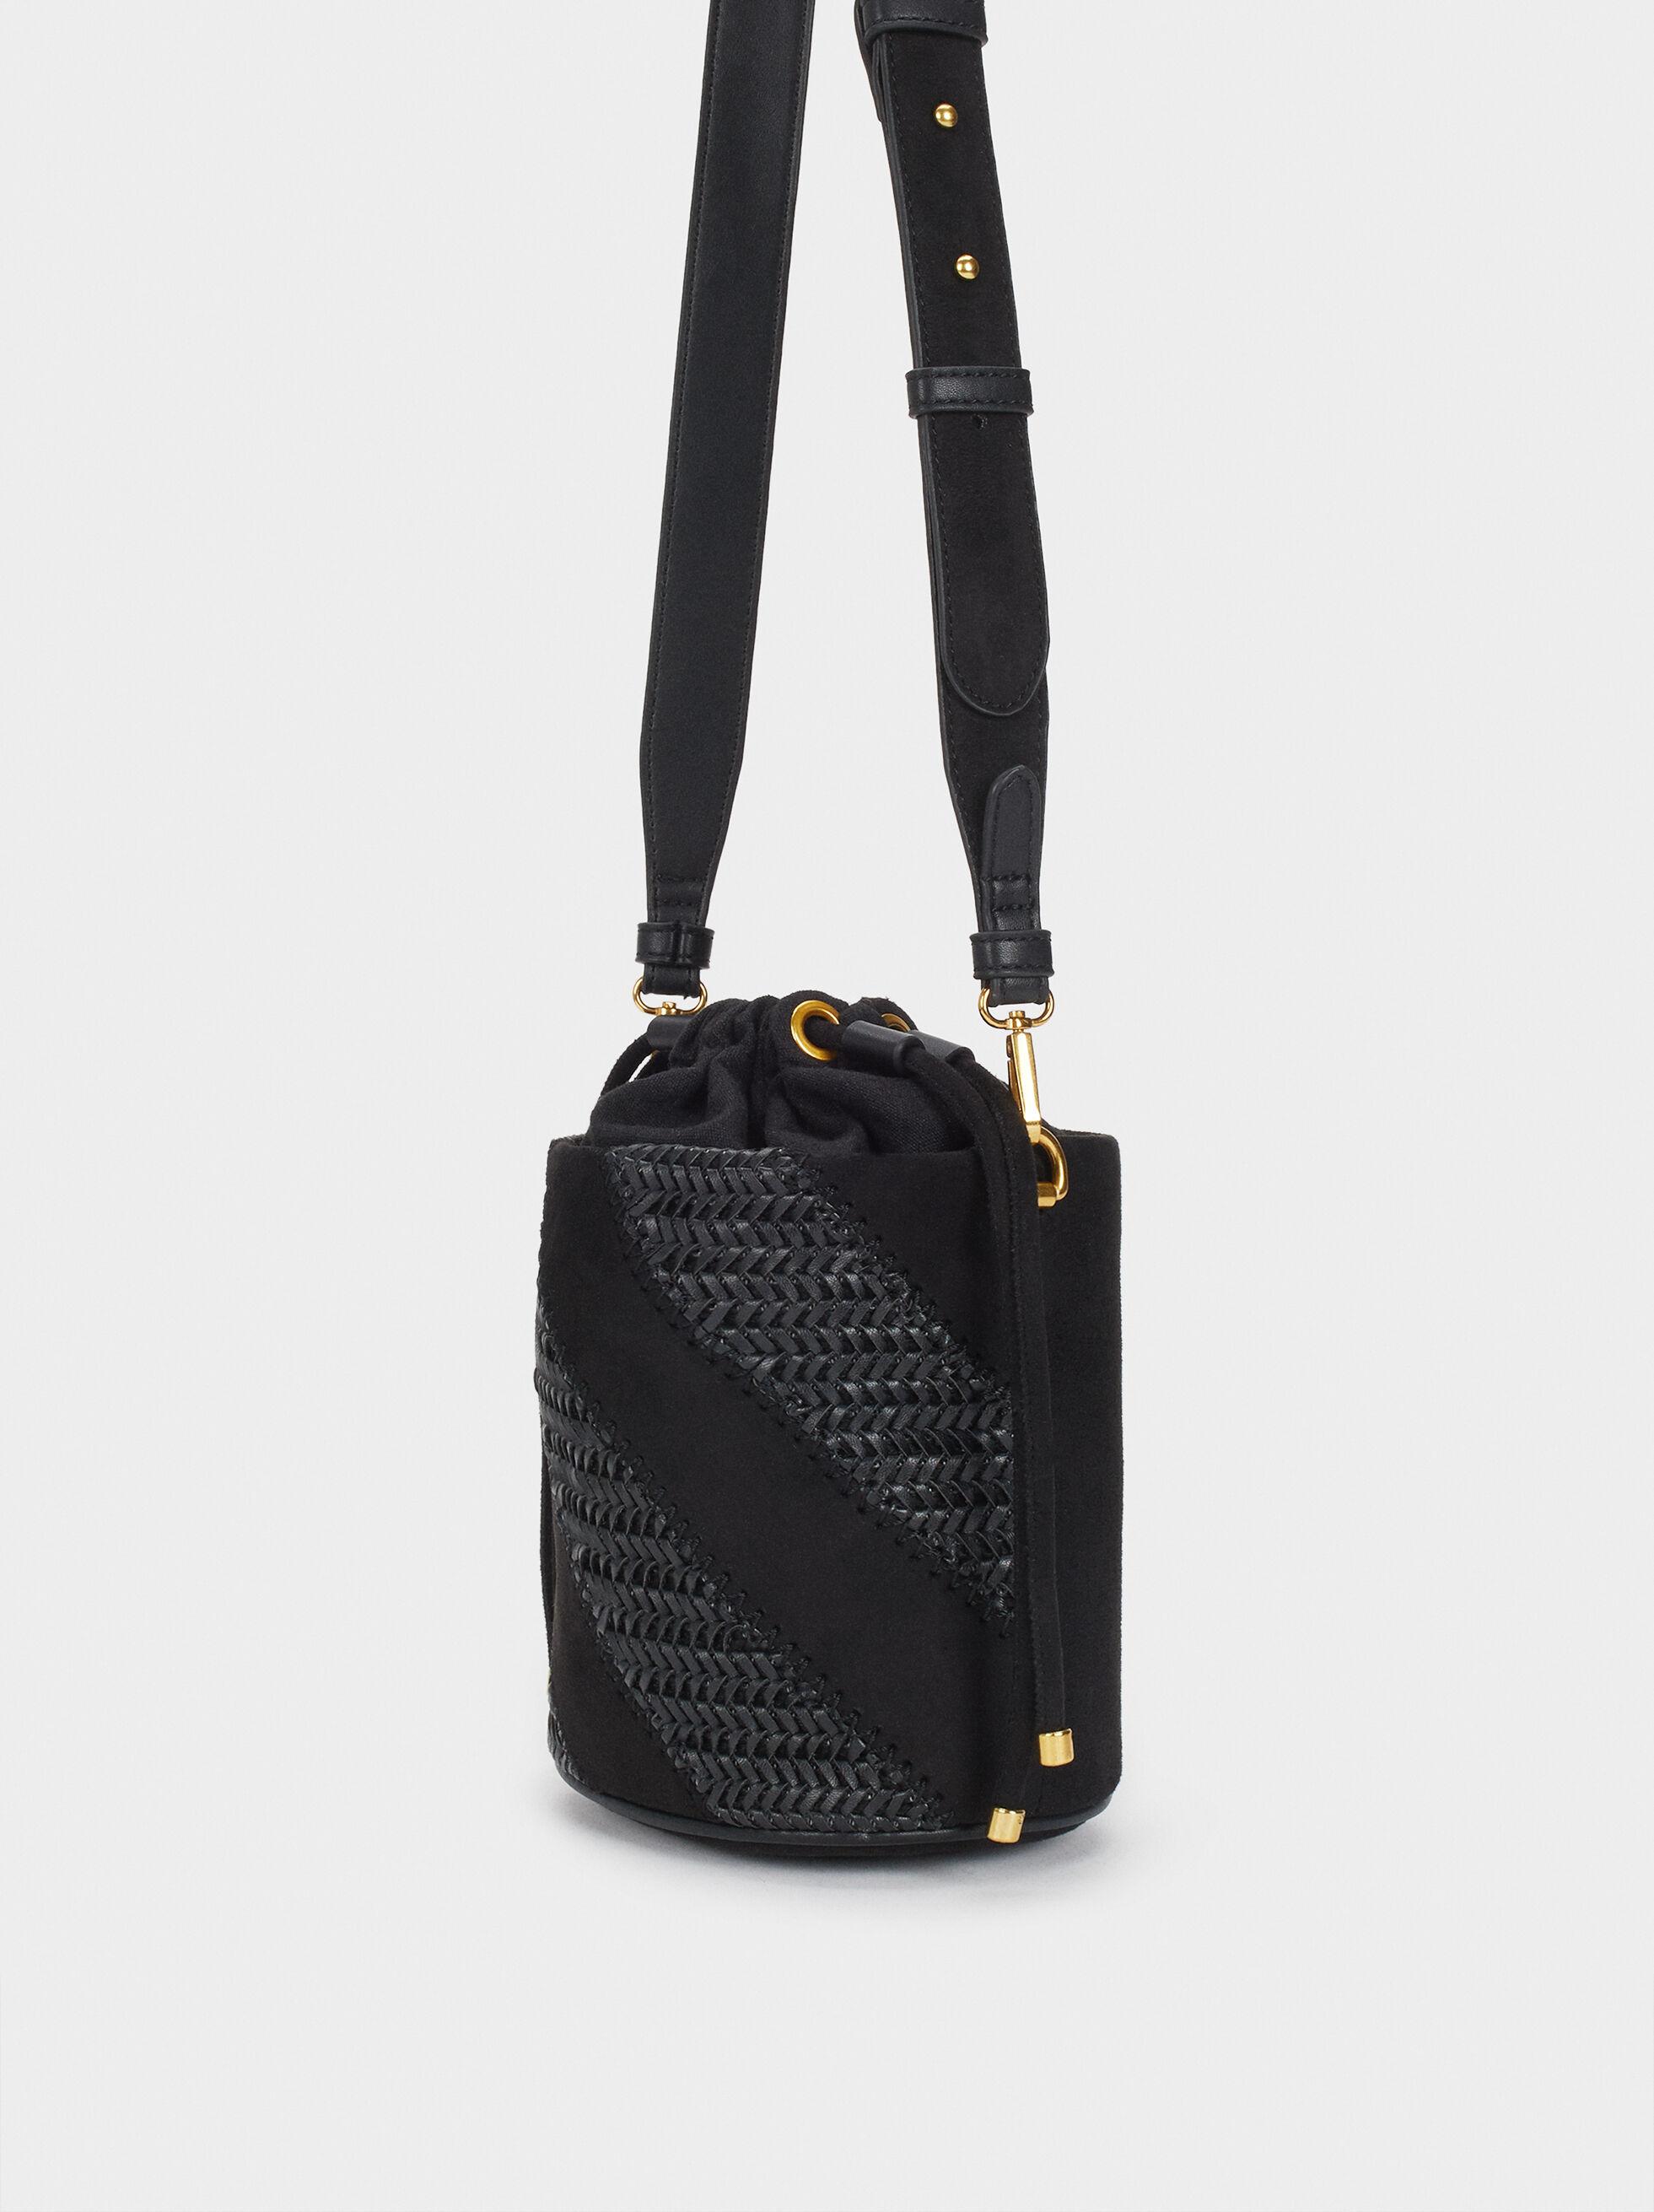 Braided Handbag, Black, hi-res